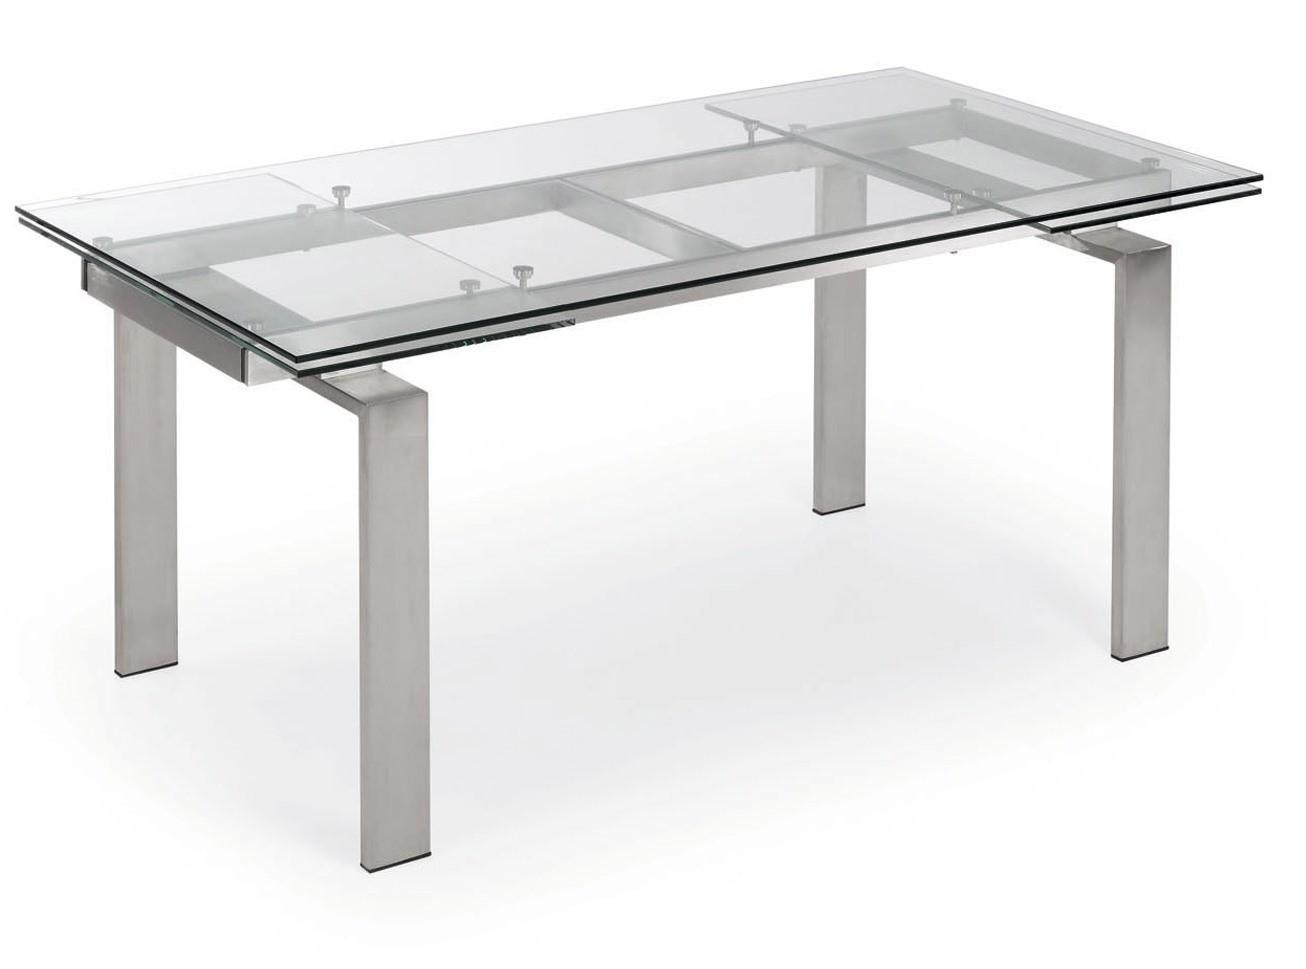 Tavolo Cristallo Temperato.Tavolo In Vetro Trasparente Allungabile A Cm 240